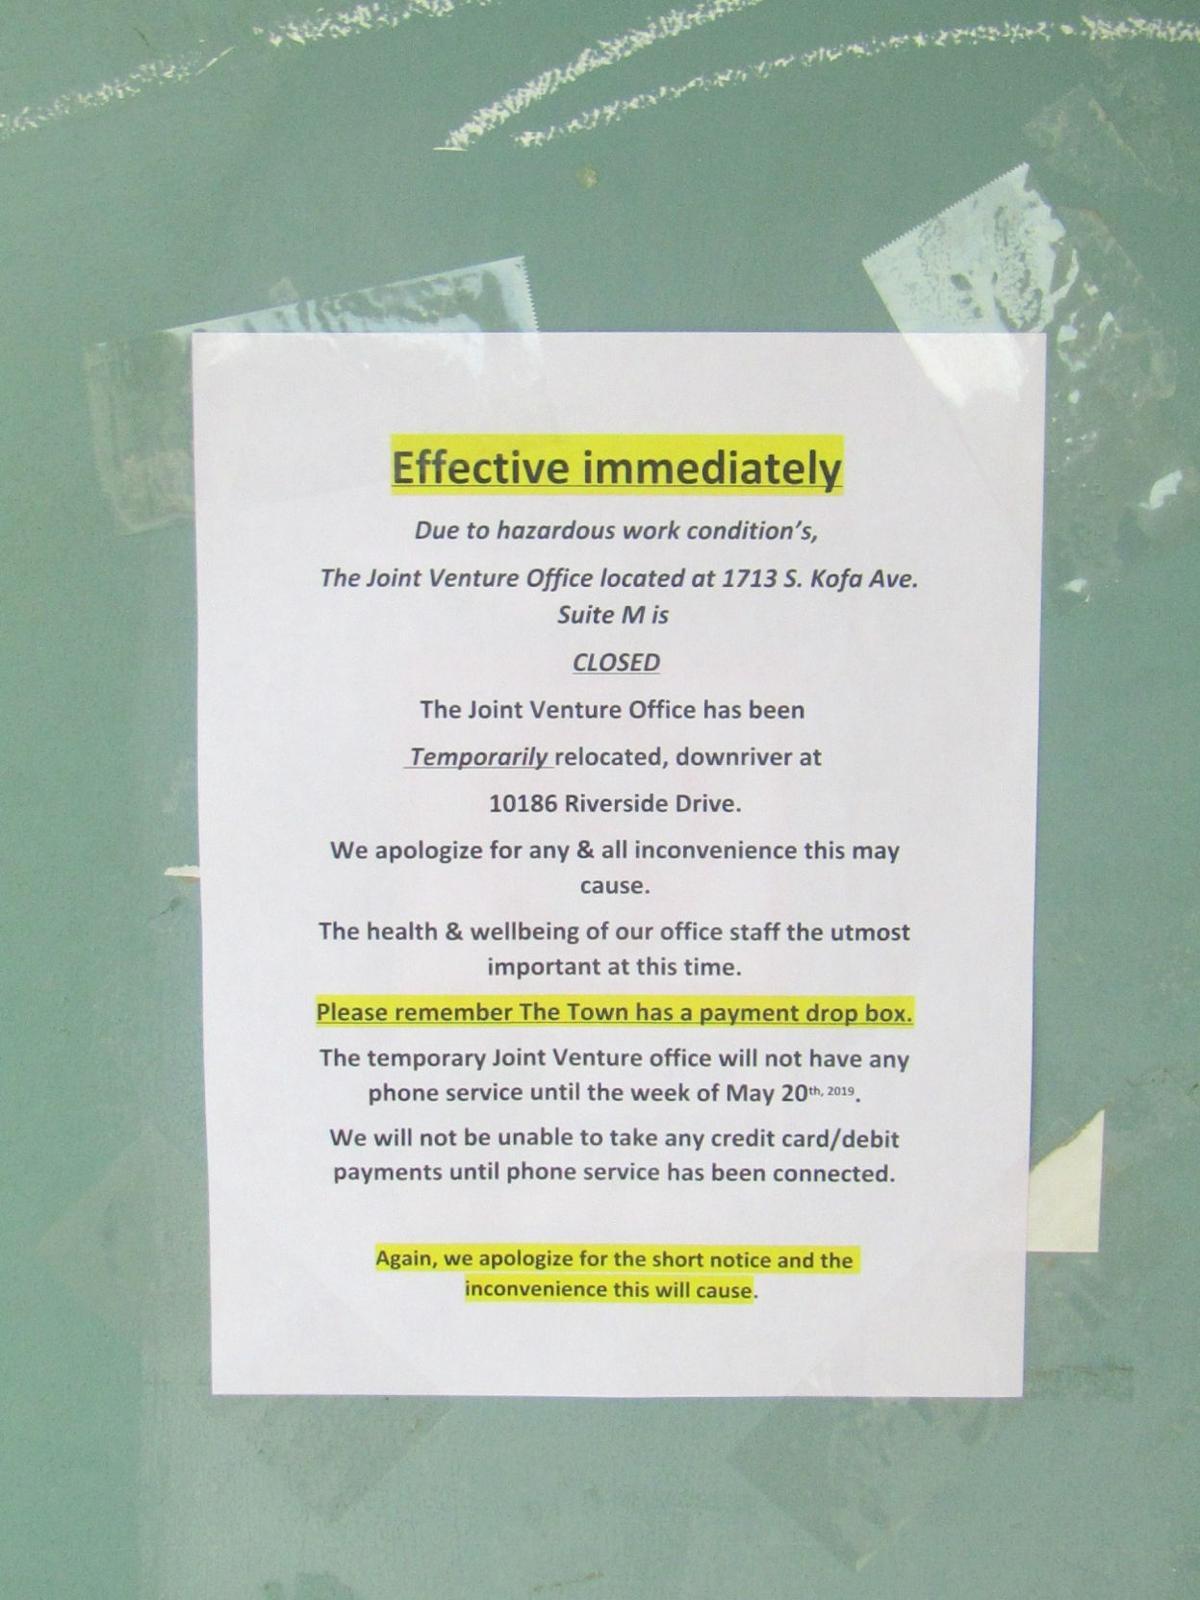 Joint Venture notice